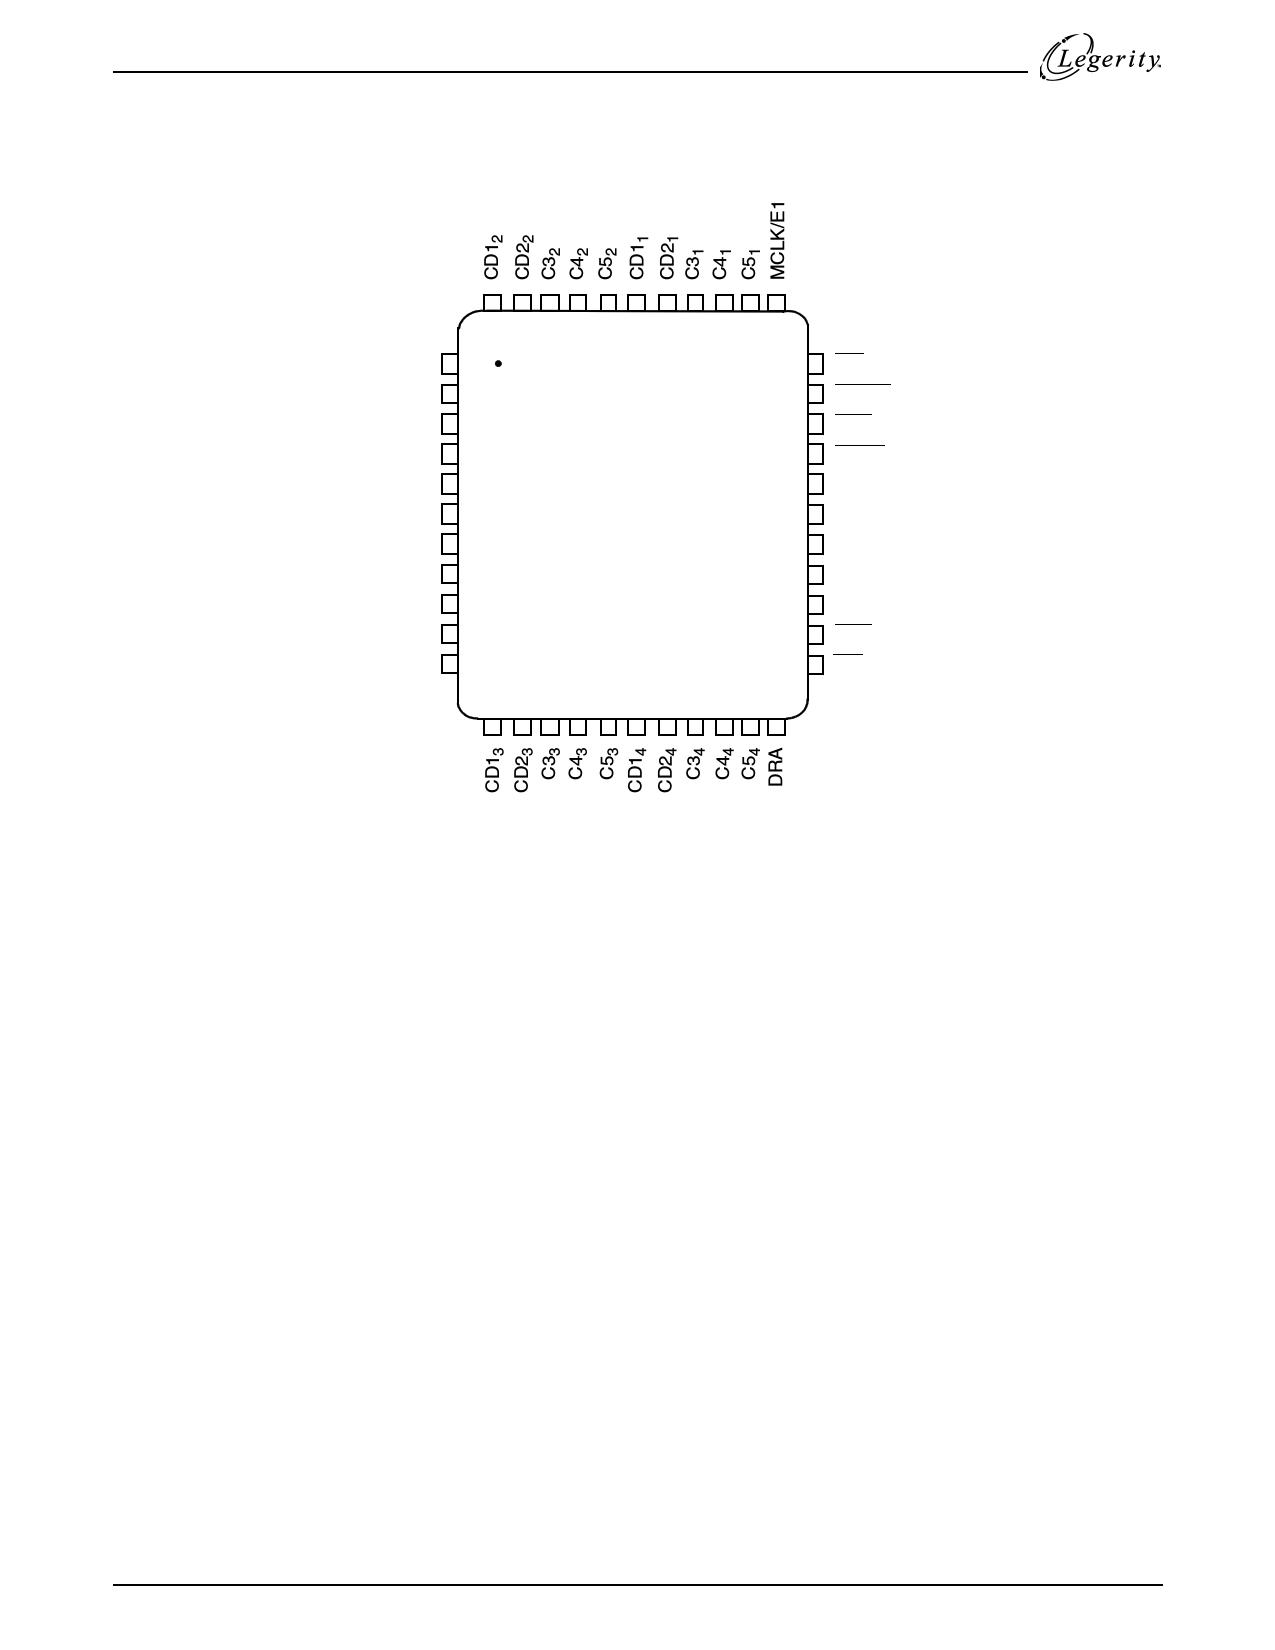 Am79Q021 전자부품, 판매, 대치품